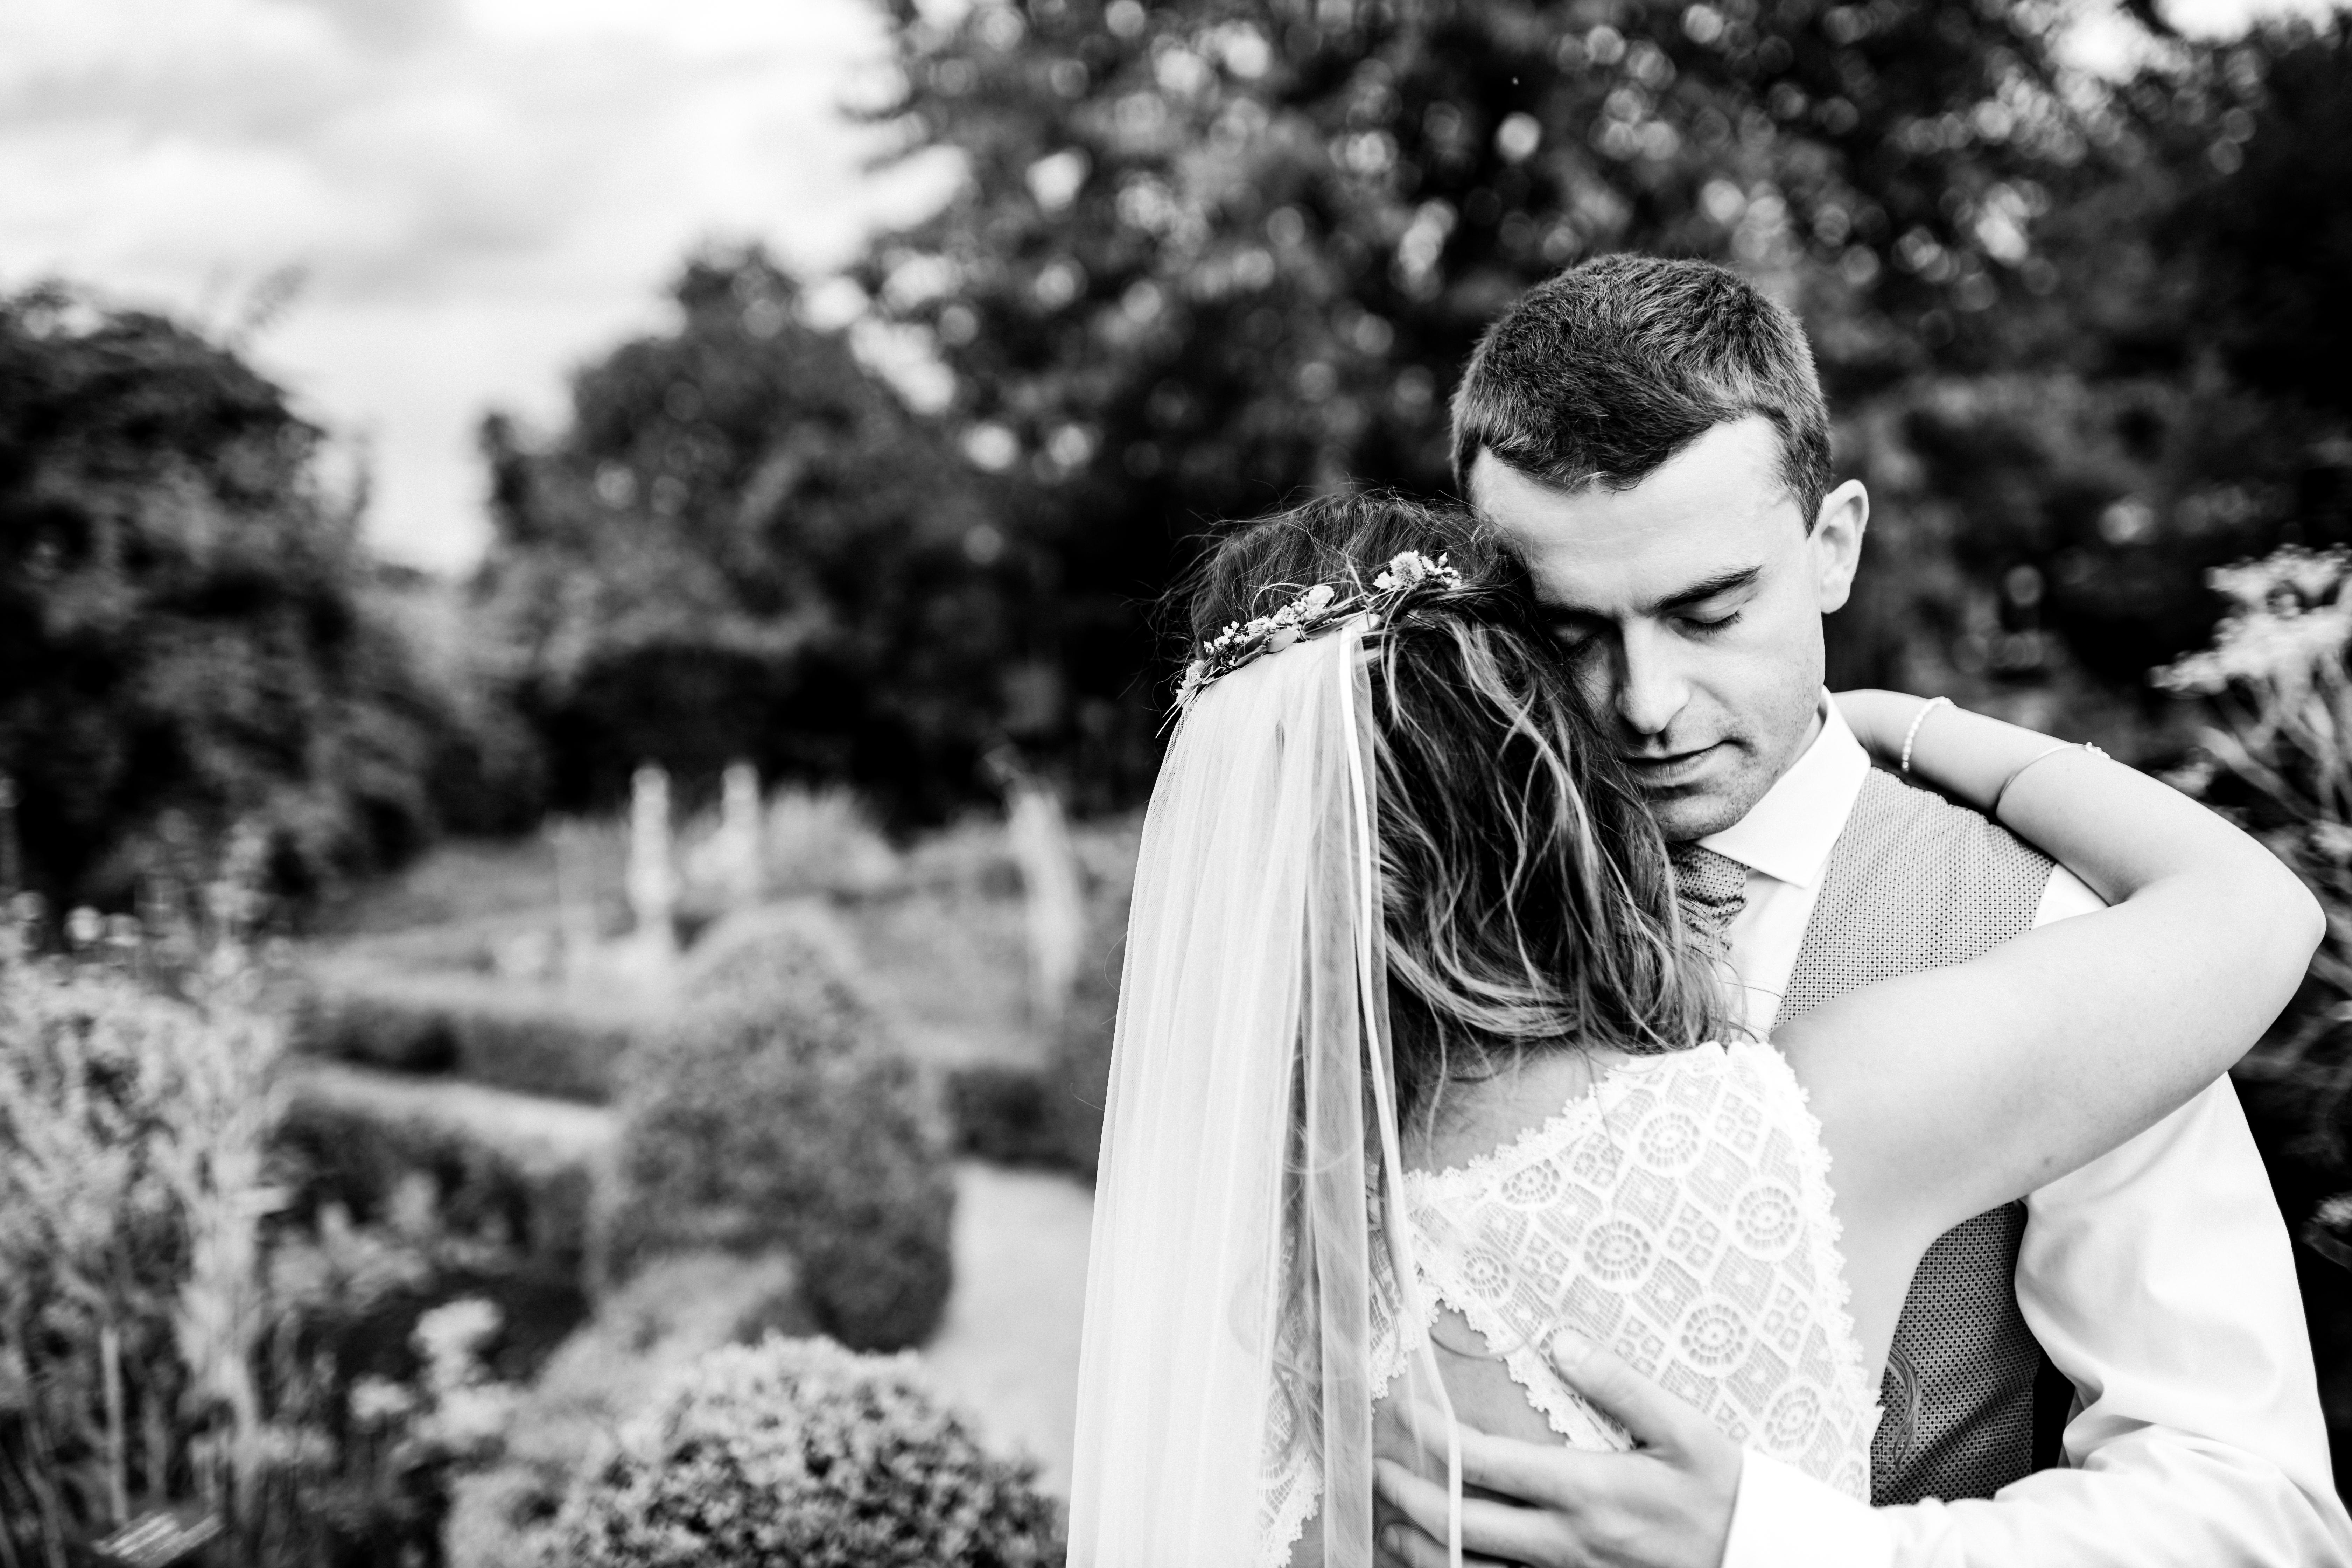 Hochzeitsfotograf Saarland - Fotograf Kai Kreutzer 49001214484 - Saarbrücken, Saarlouis, Luxemburg